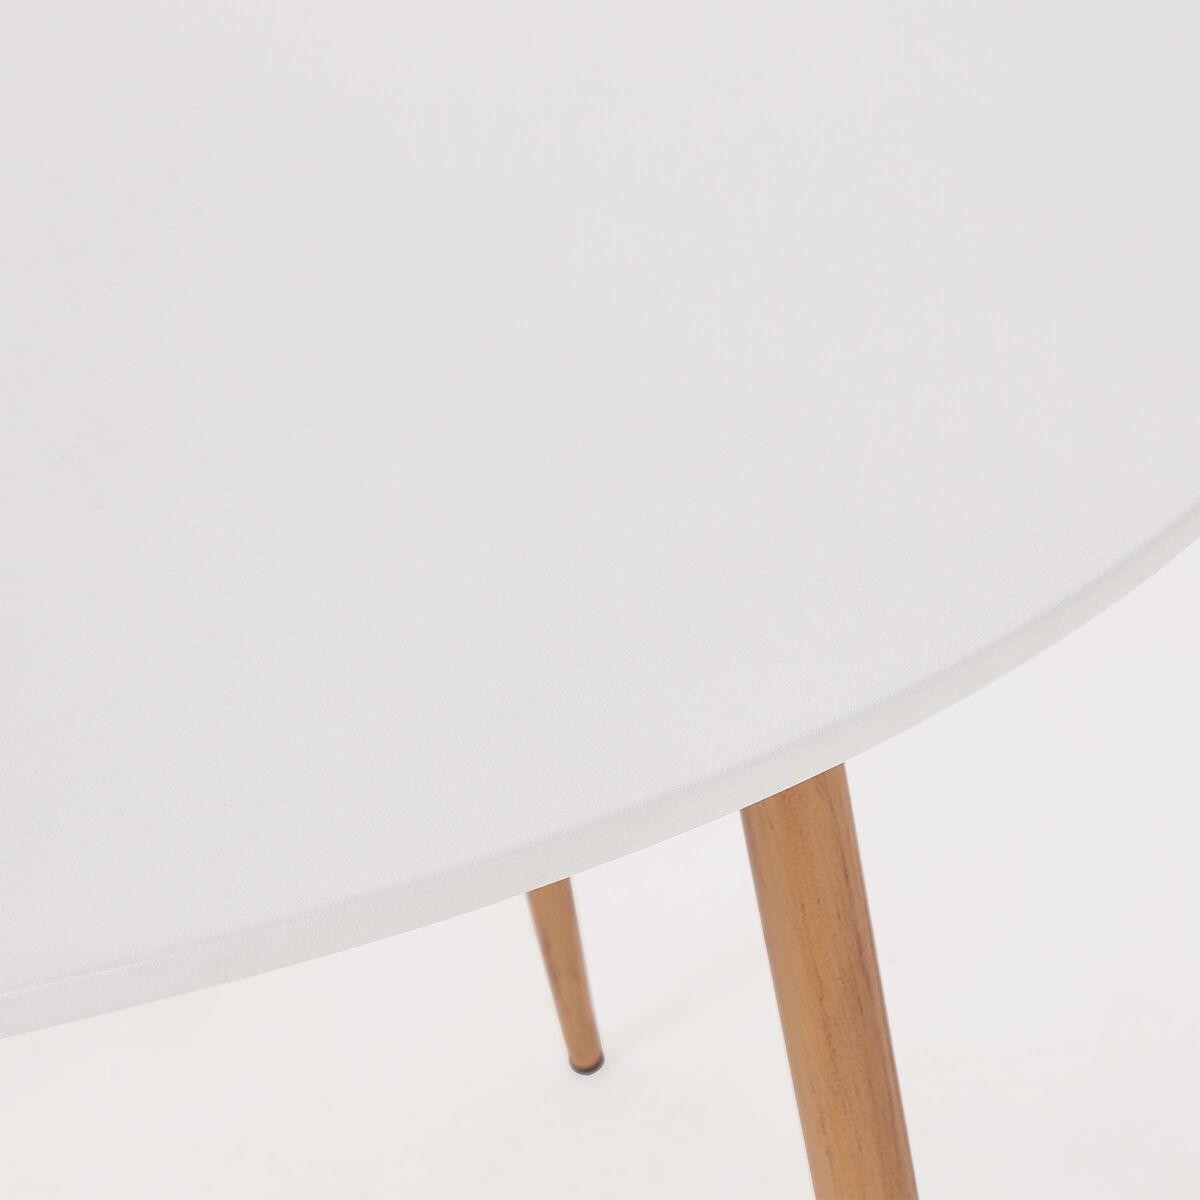 Bild 4 von LINEA Esstisch rund Ø90cm